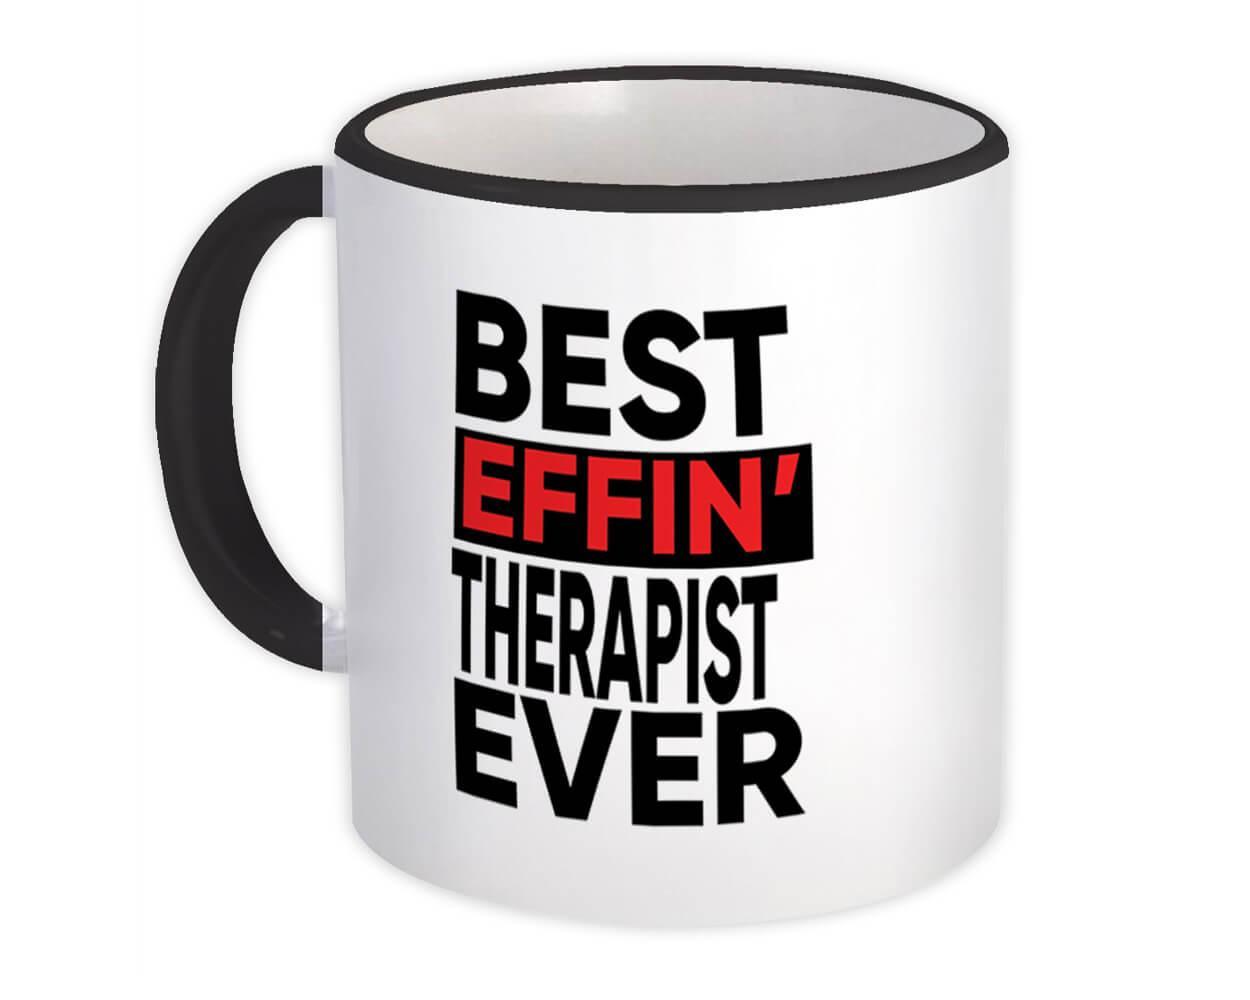 Best Effin THERAPIST Ever : Gift Mug Occupation Work Job Funny Joke F*cking